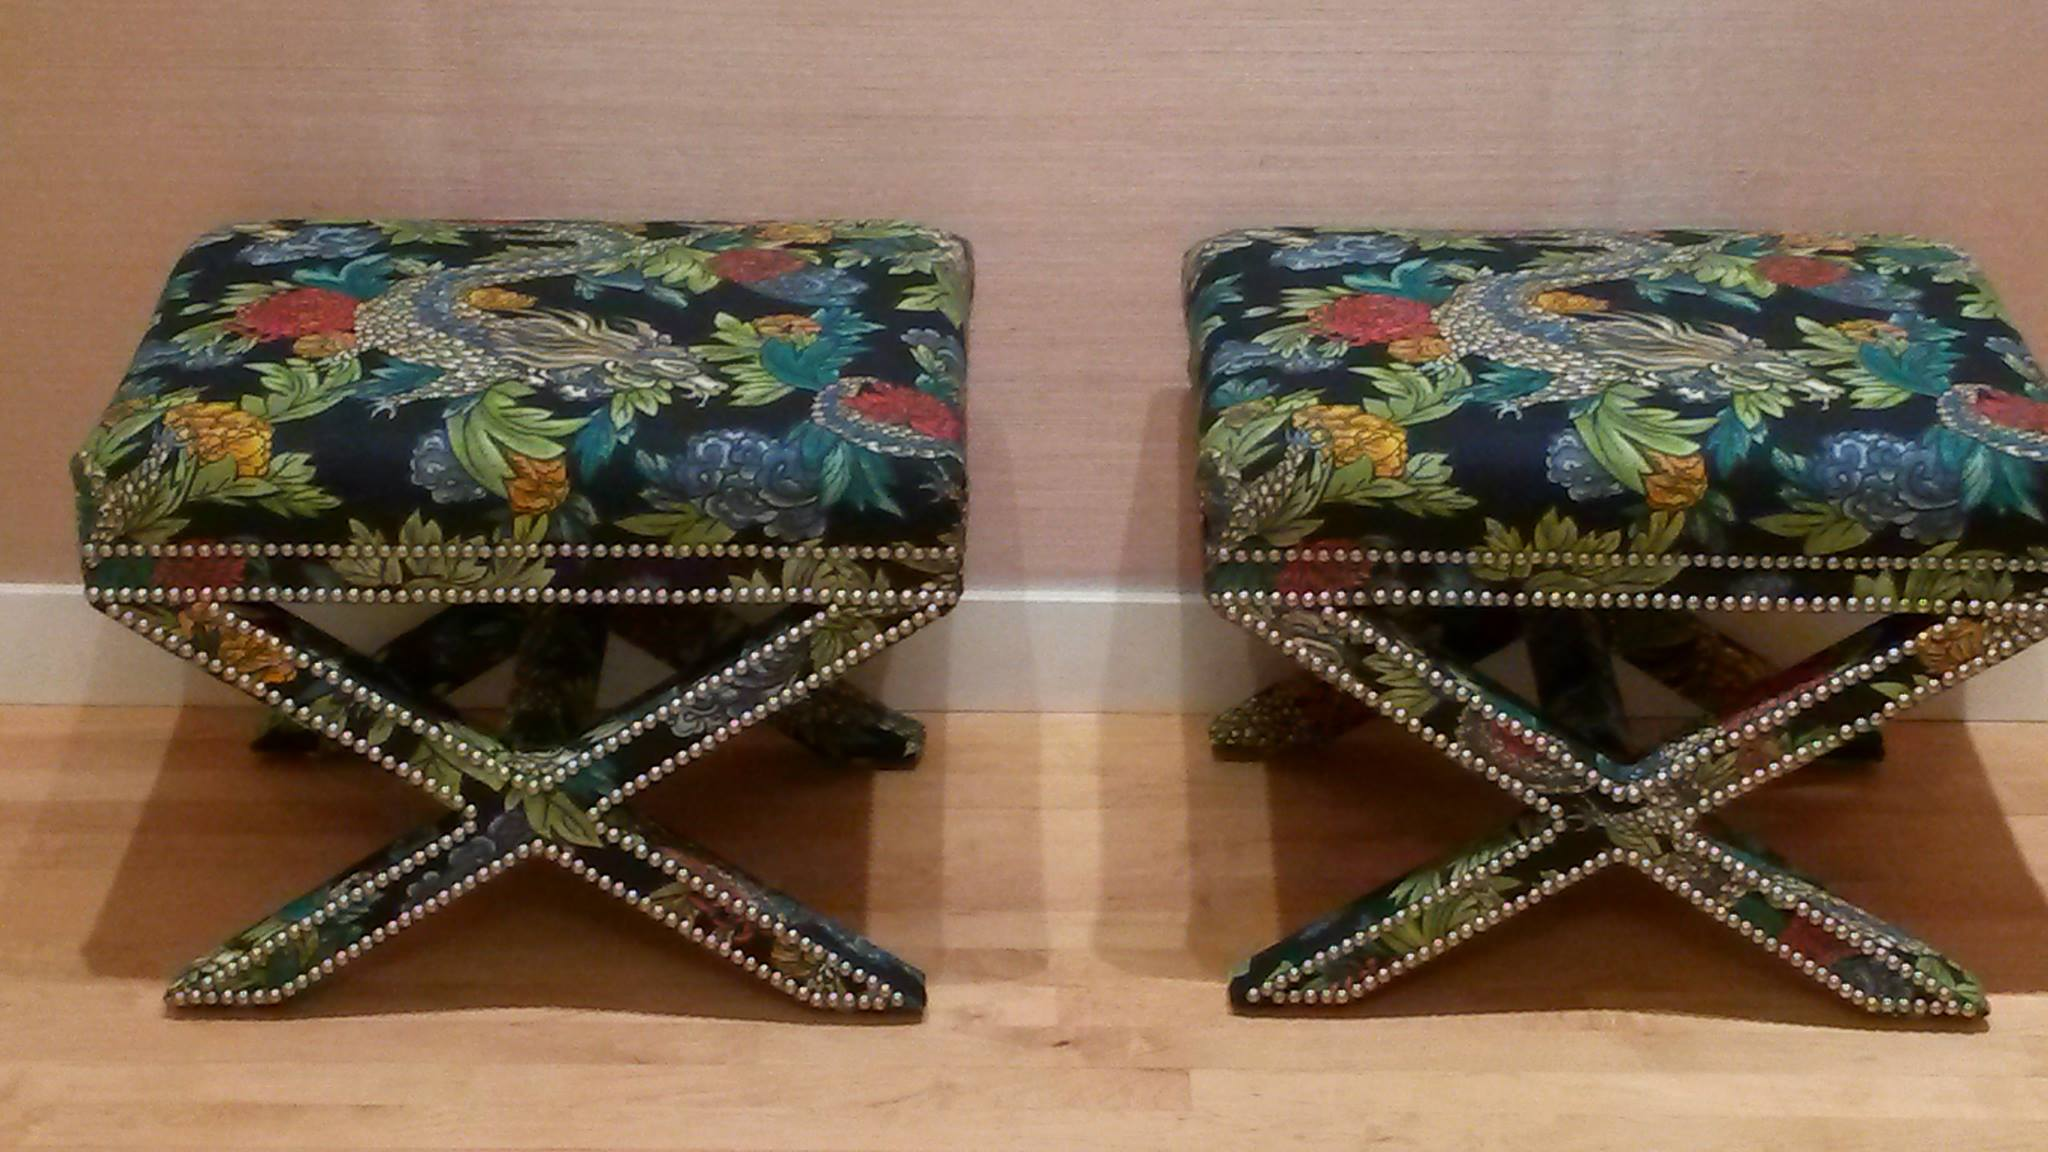 black stools.jpg